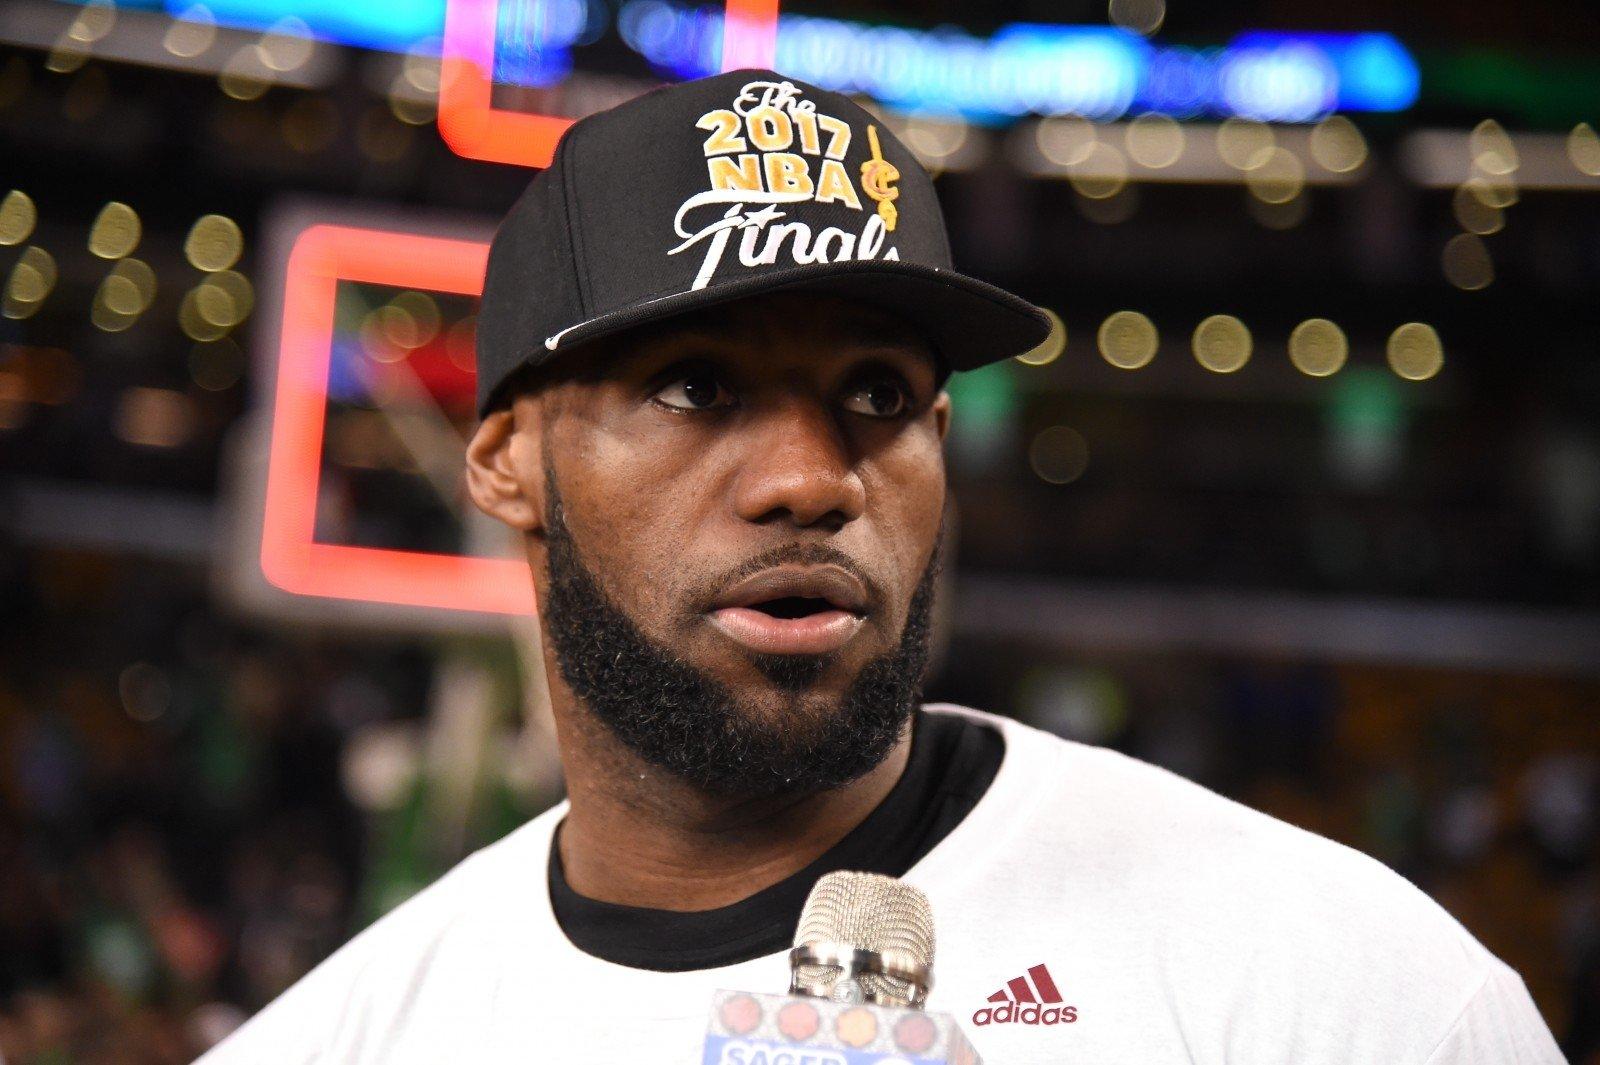 Баскетболист Леброн Джеймс: быть чернокожим вСША тяжело